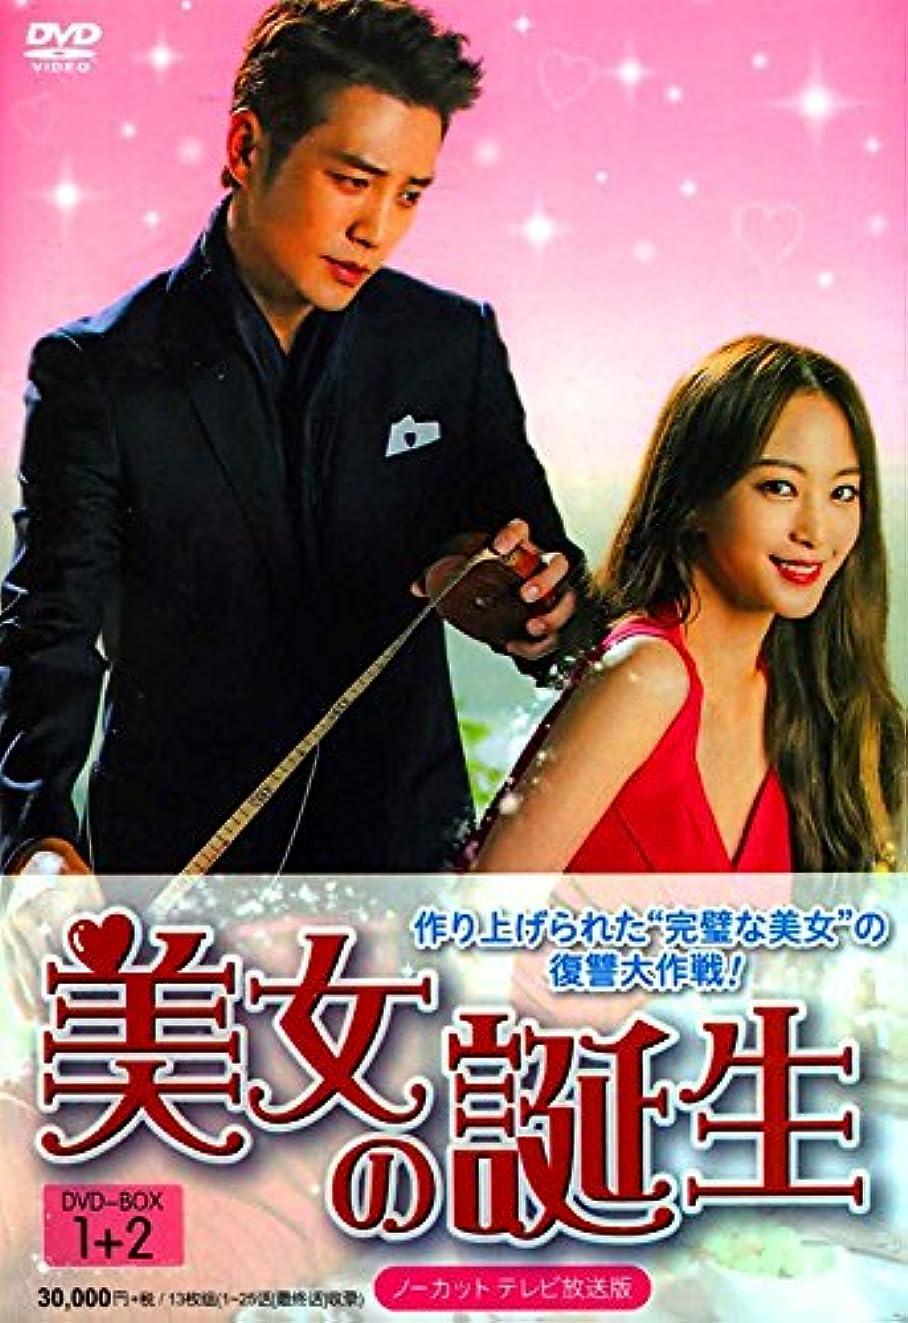 アイデア大人毎月美女の誕生DVD-BOX 1+2 13枚組 韓国語/日本語字幕